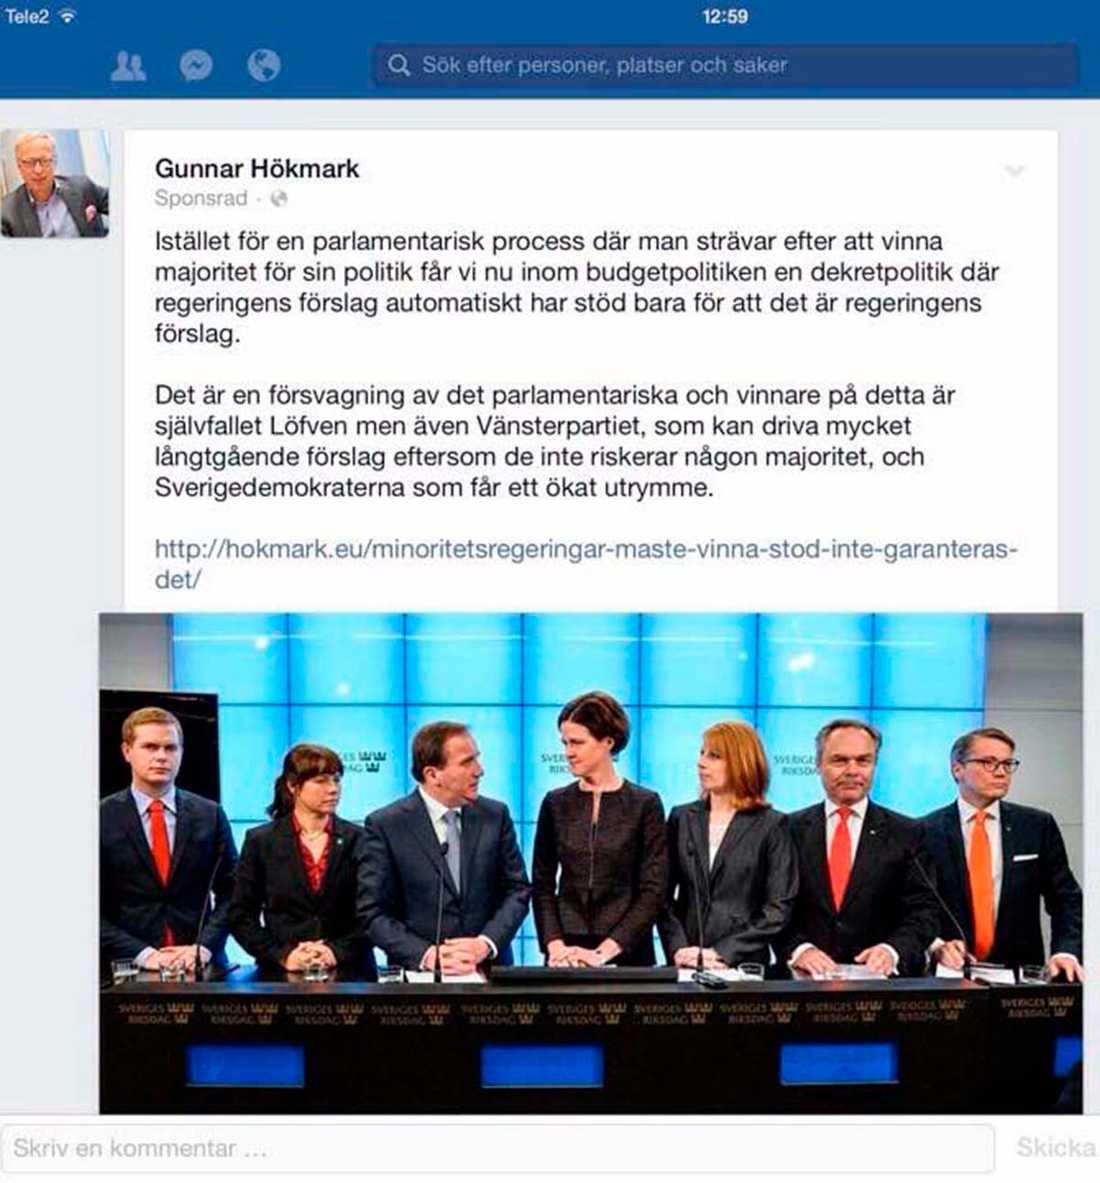 Blogginlägget där Gunnar Hökmark kritiserar uppgörelsen sprids i köpta inlägg på Facebook.